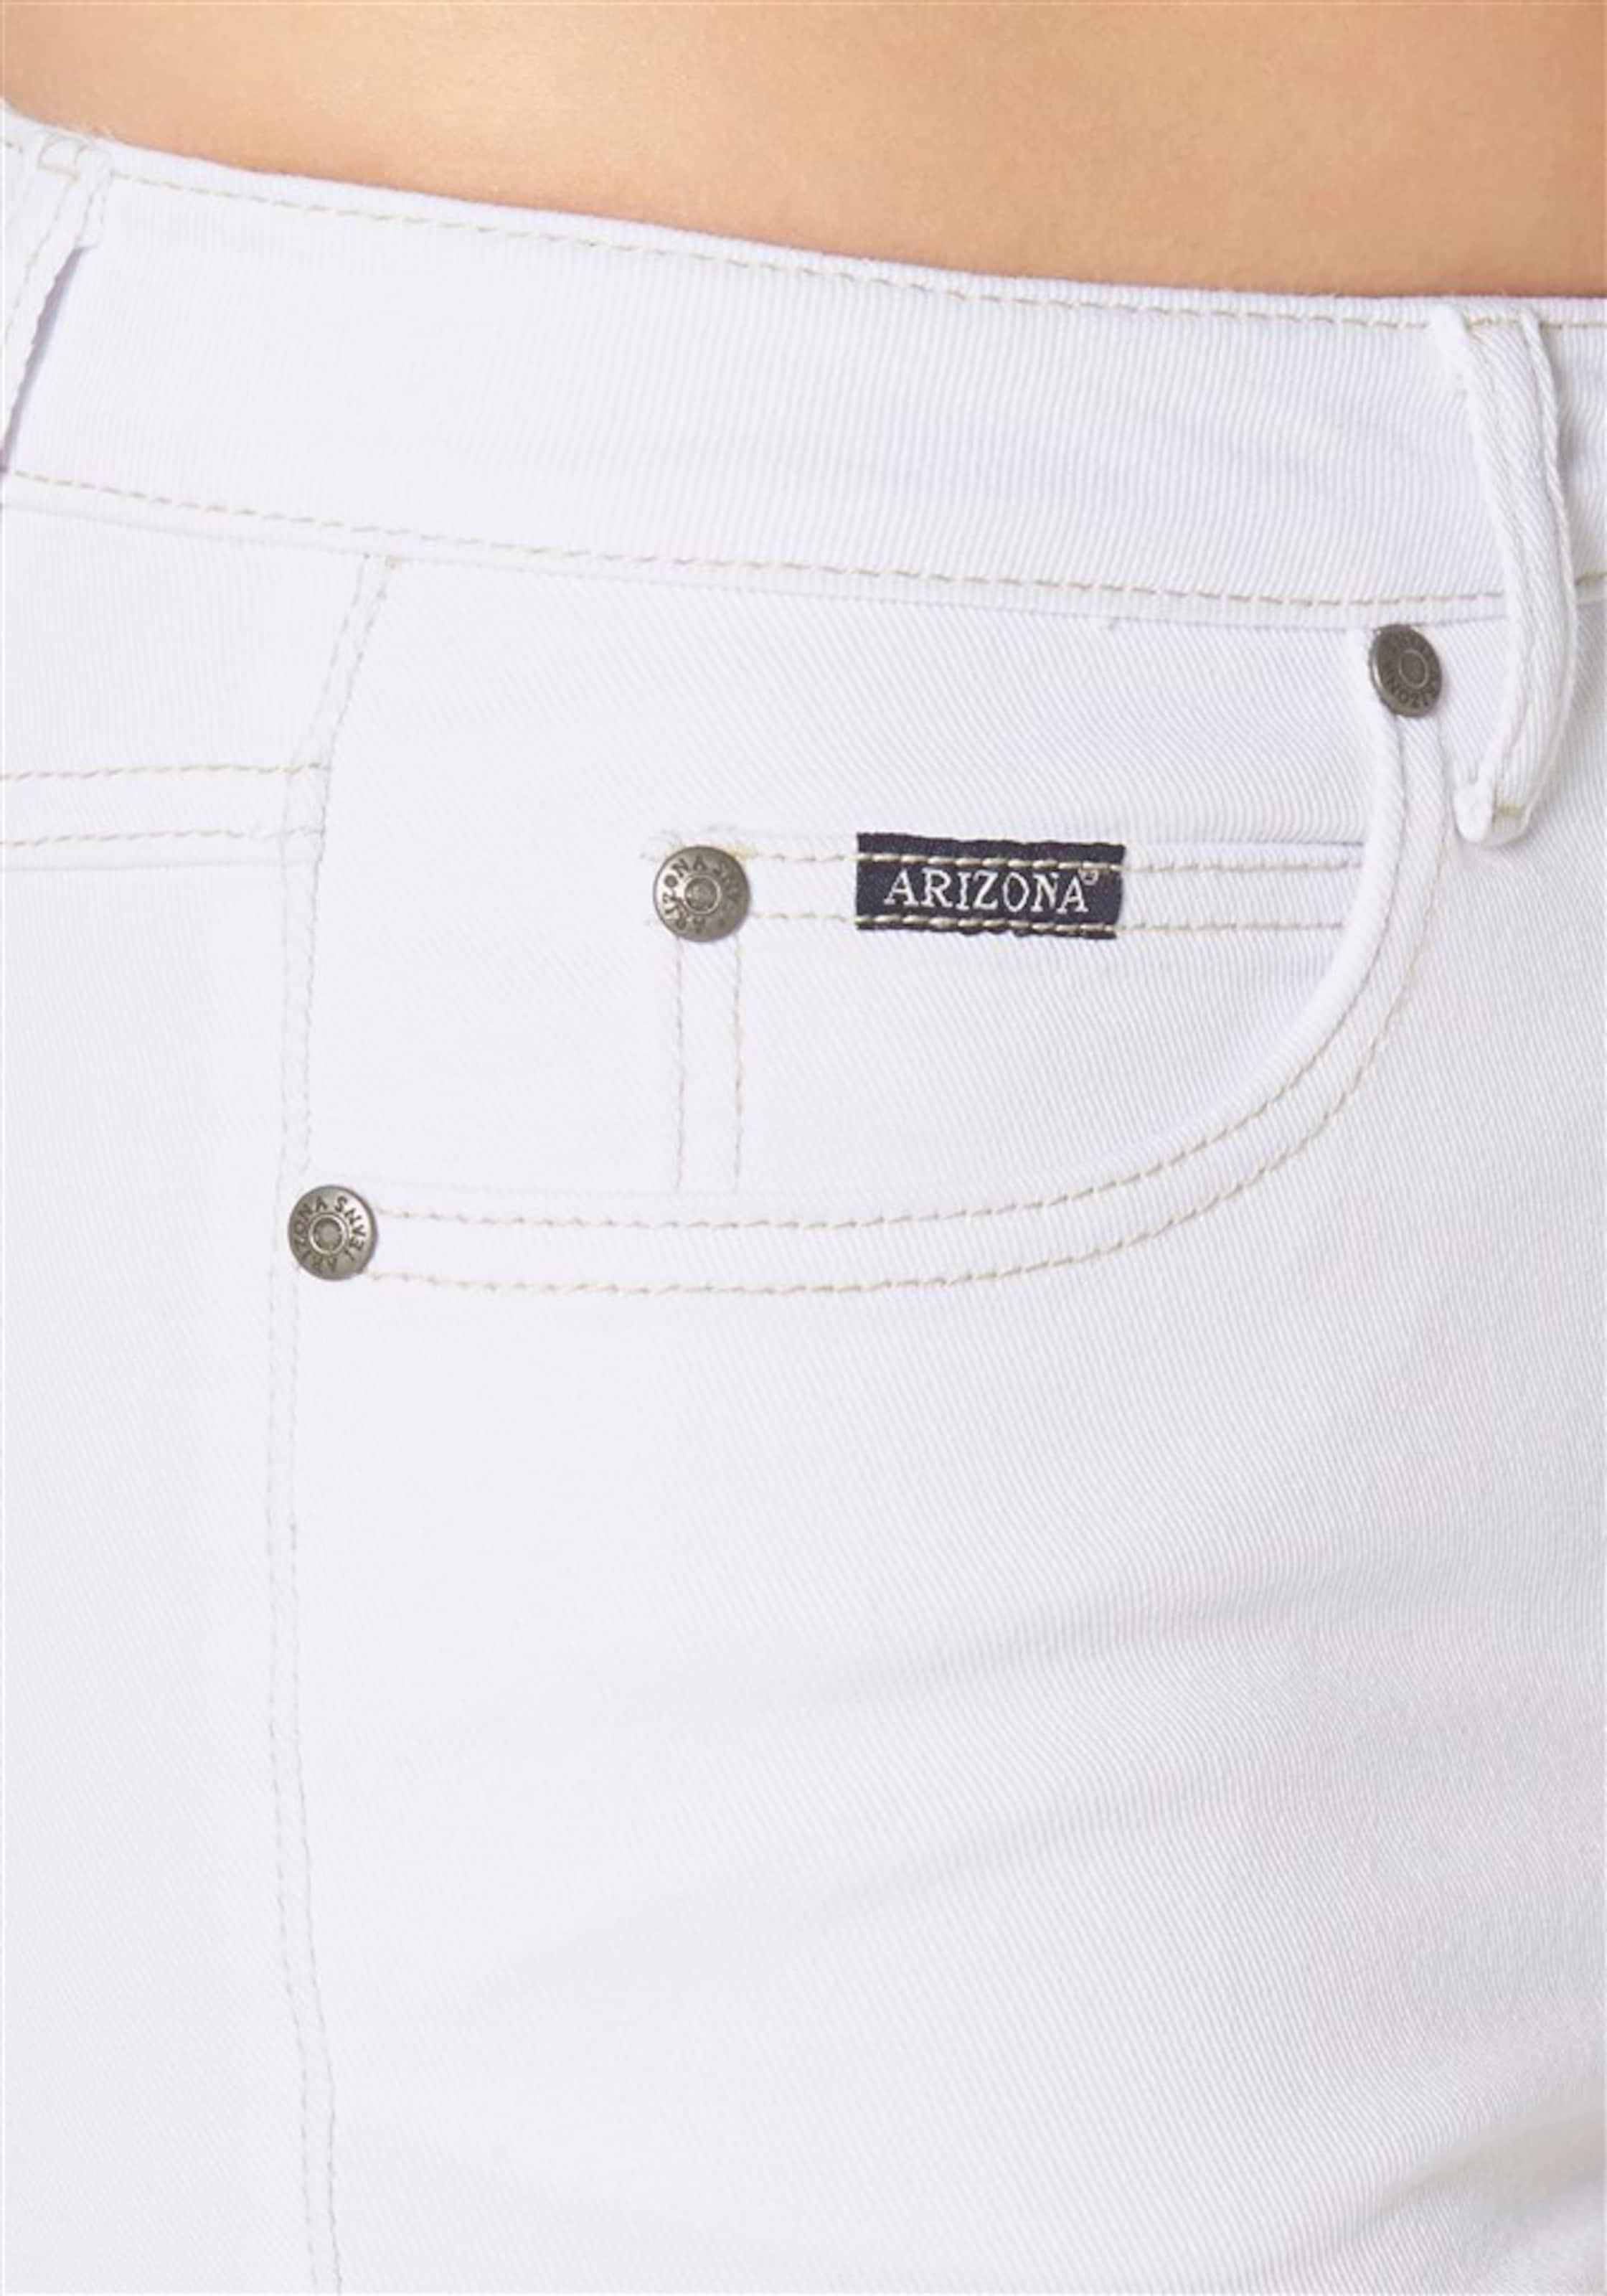 Spielraum Eastbay ARIZONA Arizona Bequeme Jeans »Gerade Jeans mit klassicher Leibhöhe« Billig Verkauf Manchester Günstig Kaufen Mit Mastercard Amazon Verkauf Online Finden Große Azb1jCFj